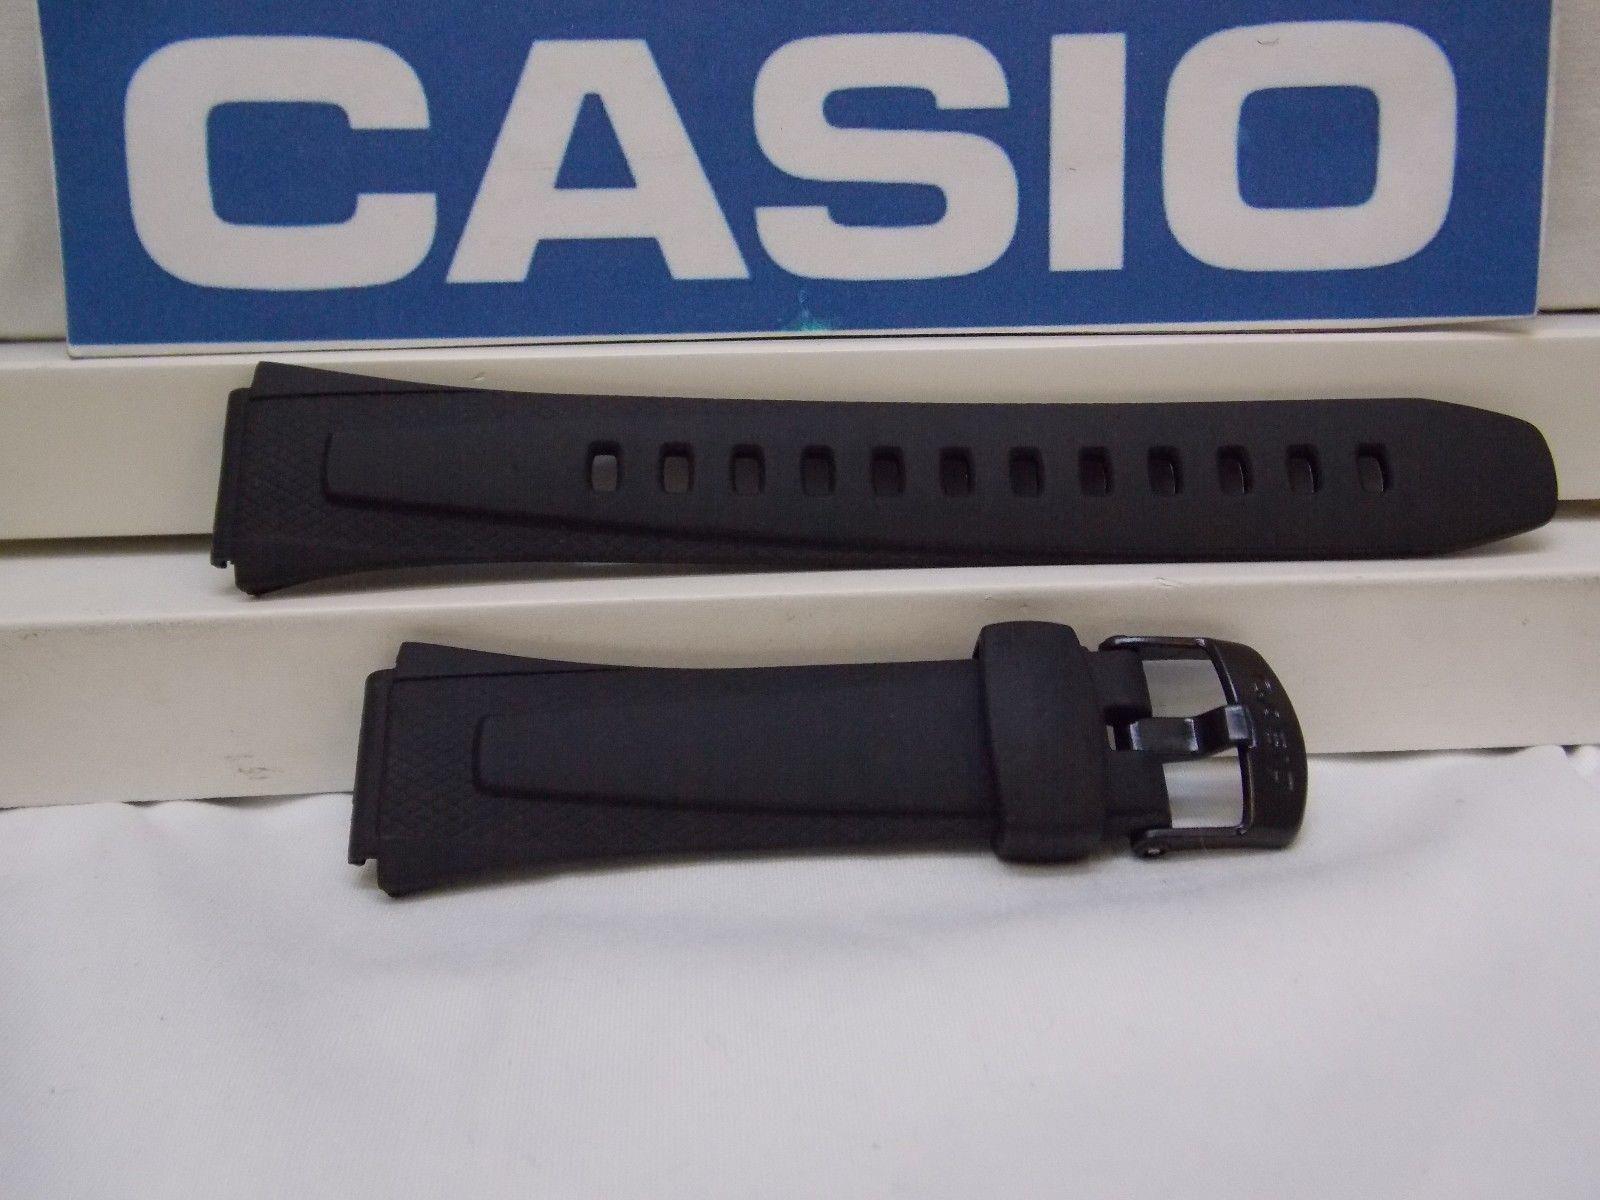 Original Strap for Casio W-800 Wristwatch